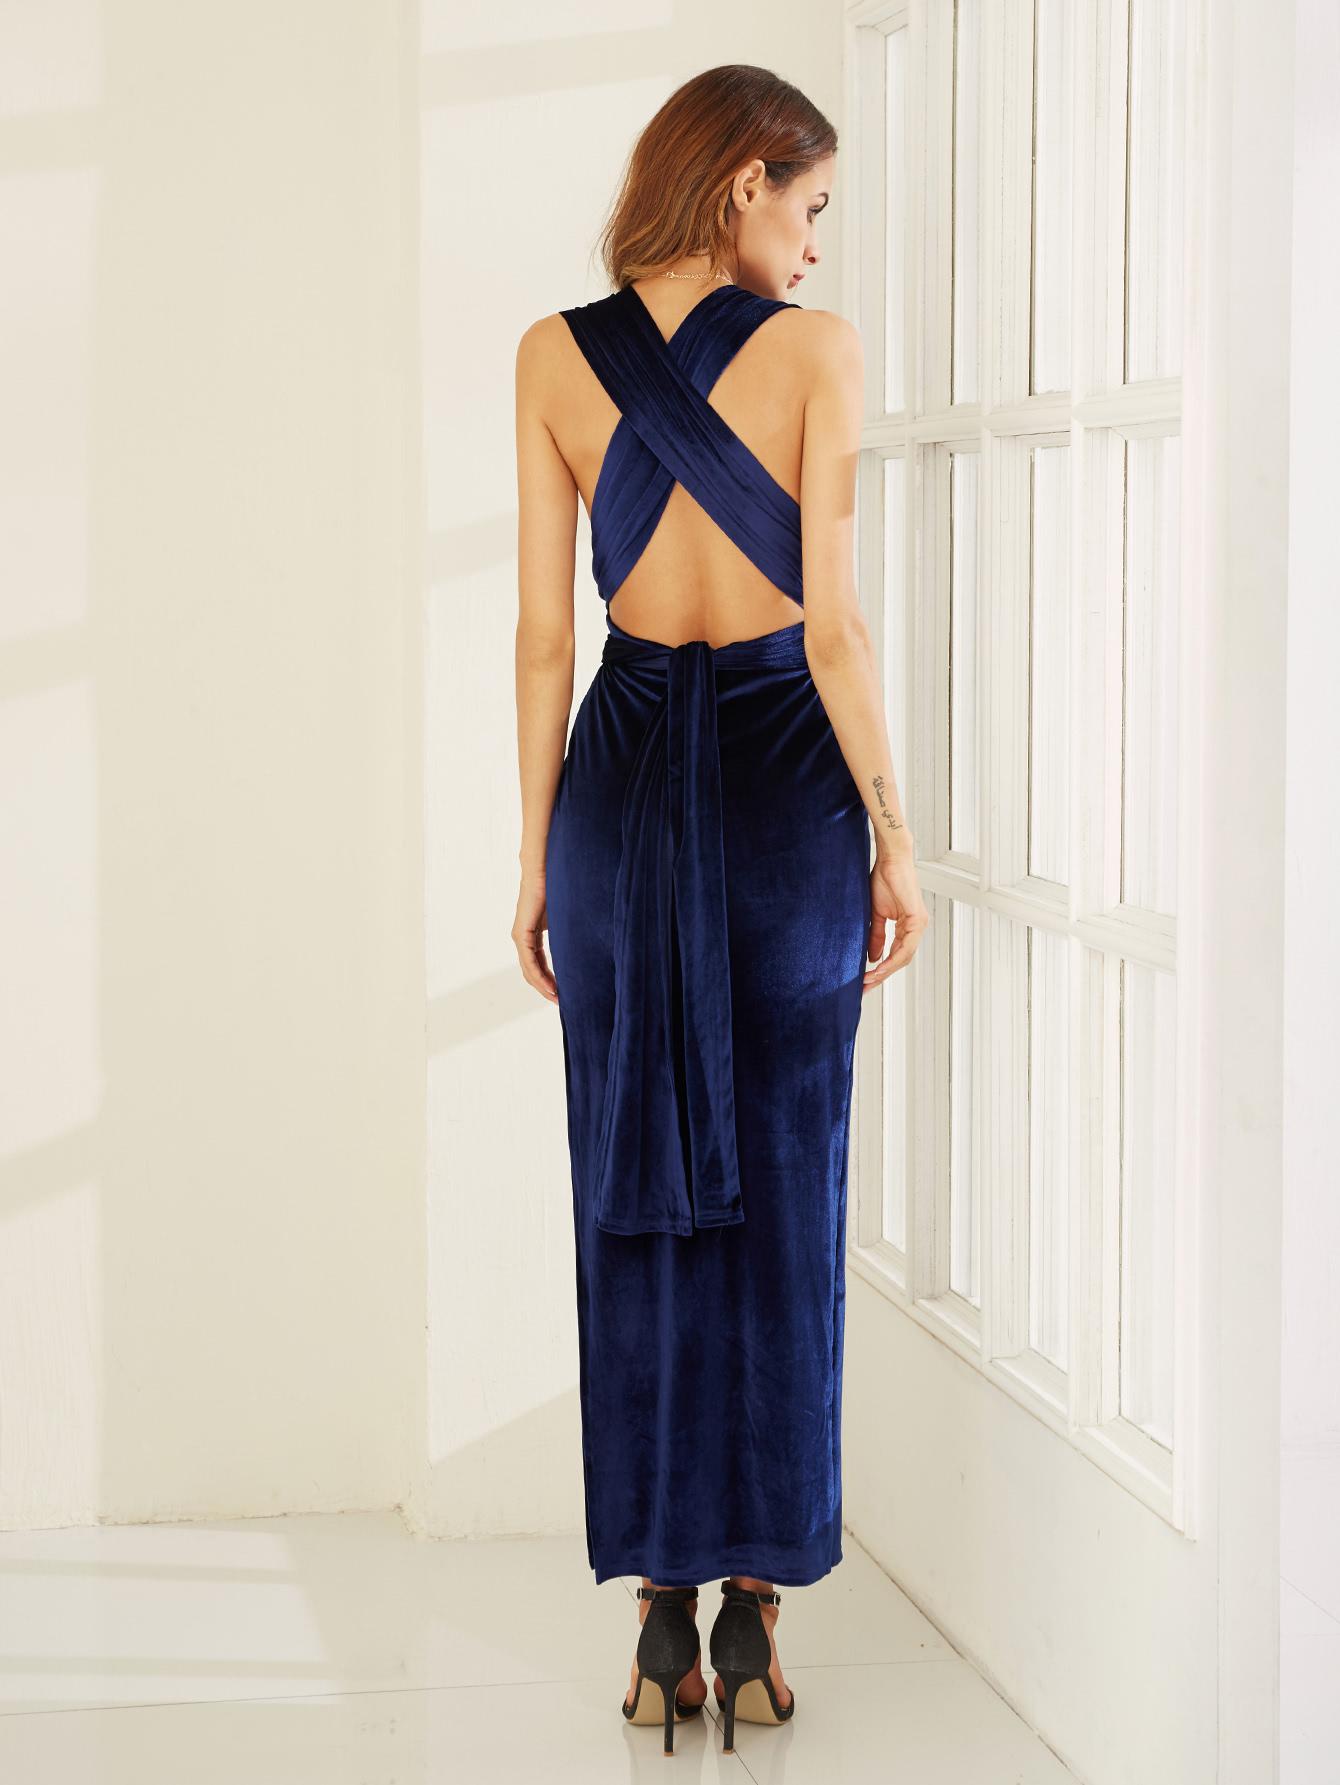 dress160824702_2